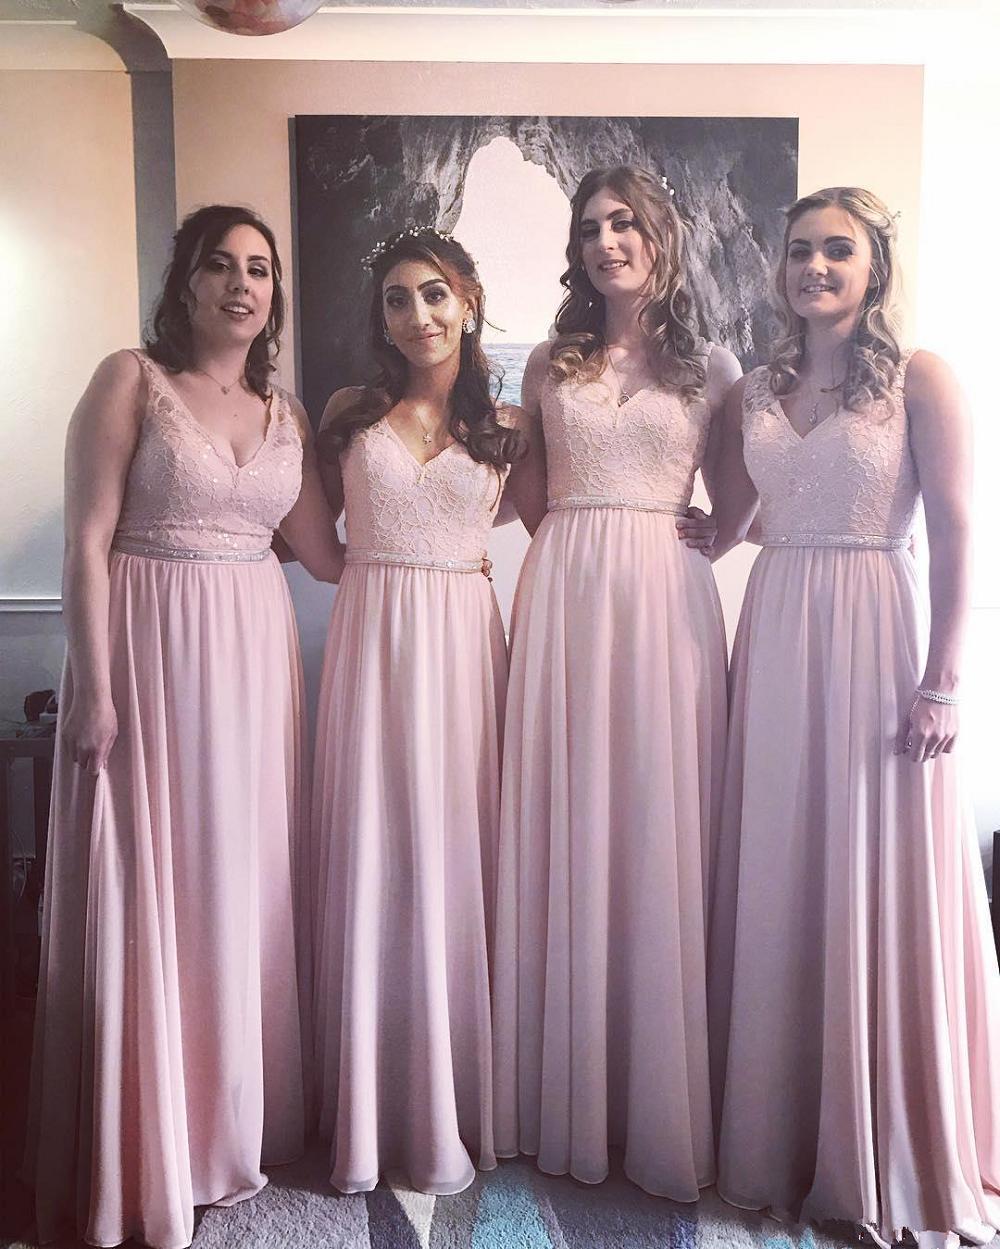 Nuovo V-Collo sexy pizzo A-Line lunghi Bridesmaids abiti senza maniche su ordine della domestica di primavera dei vestiti da onore promenade B21